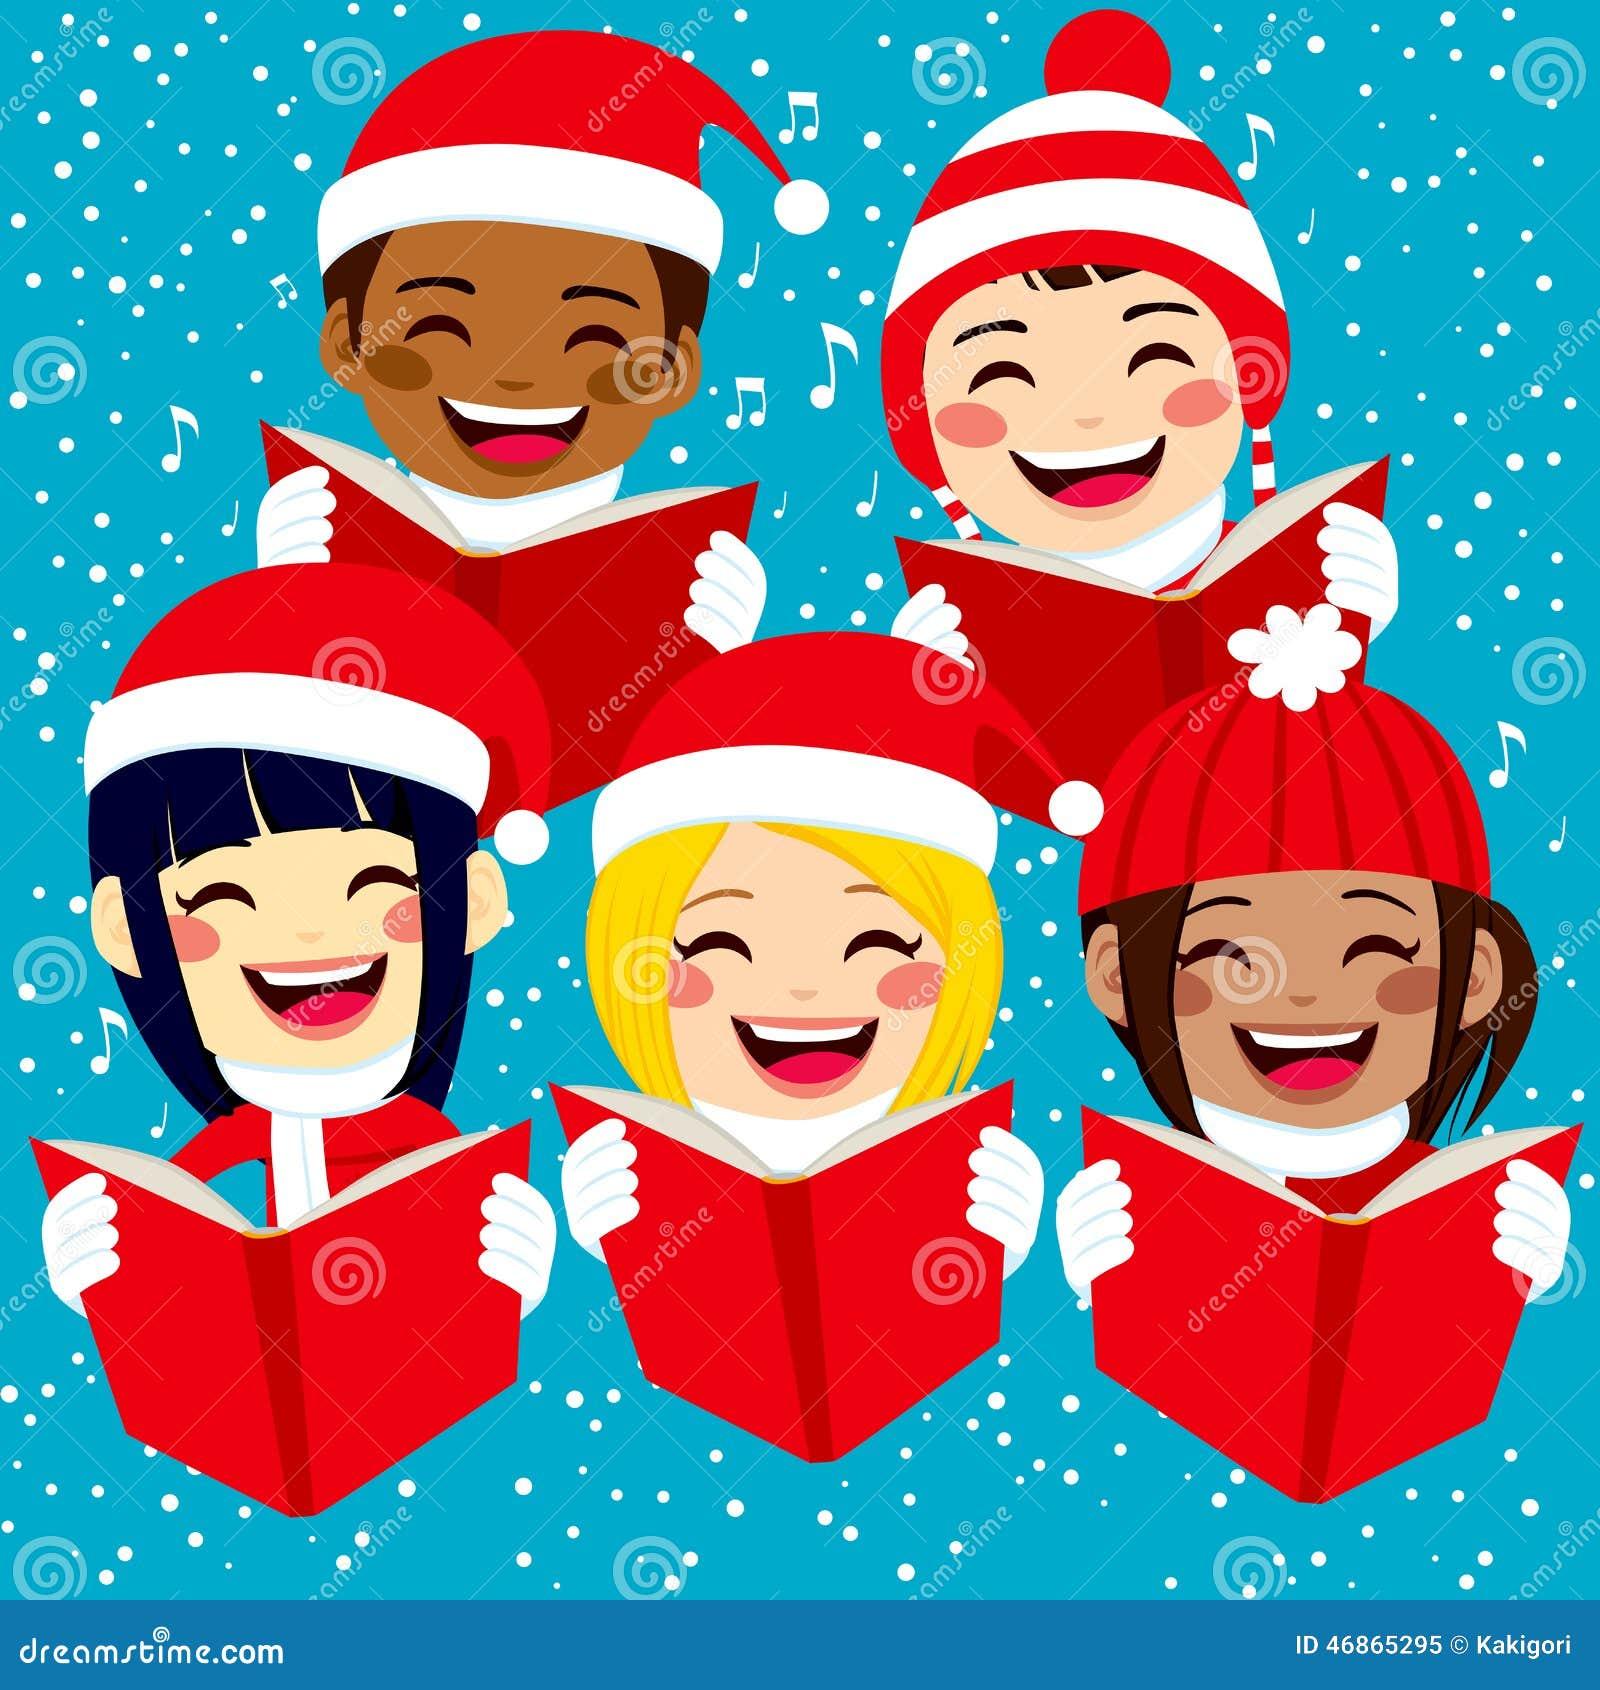 Immagini Di Bambini Per Natale.Bambini Felici Che Cantano Le Canzoni Di Natale